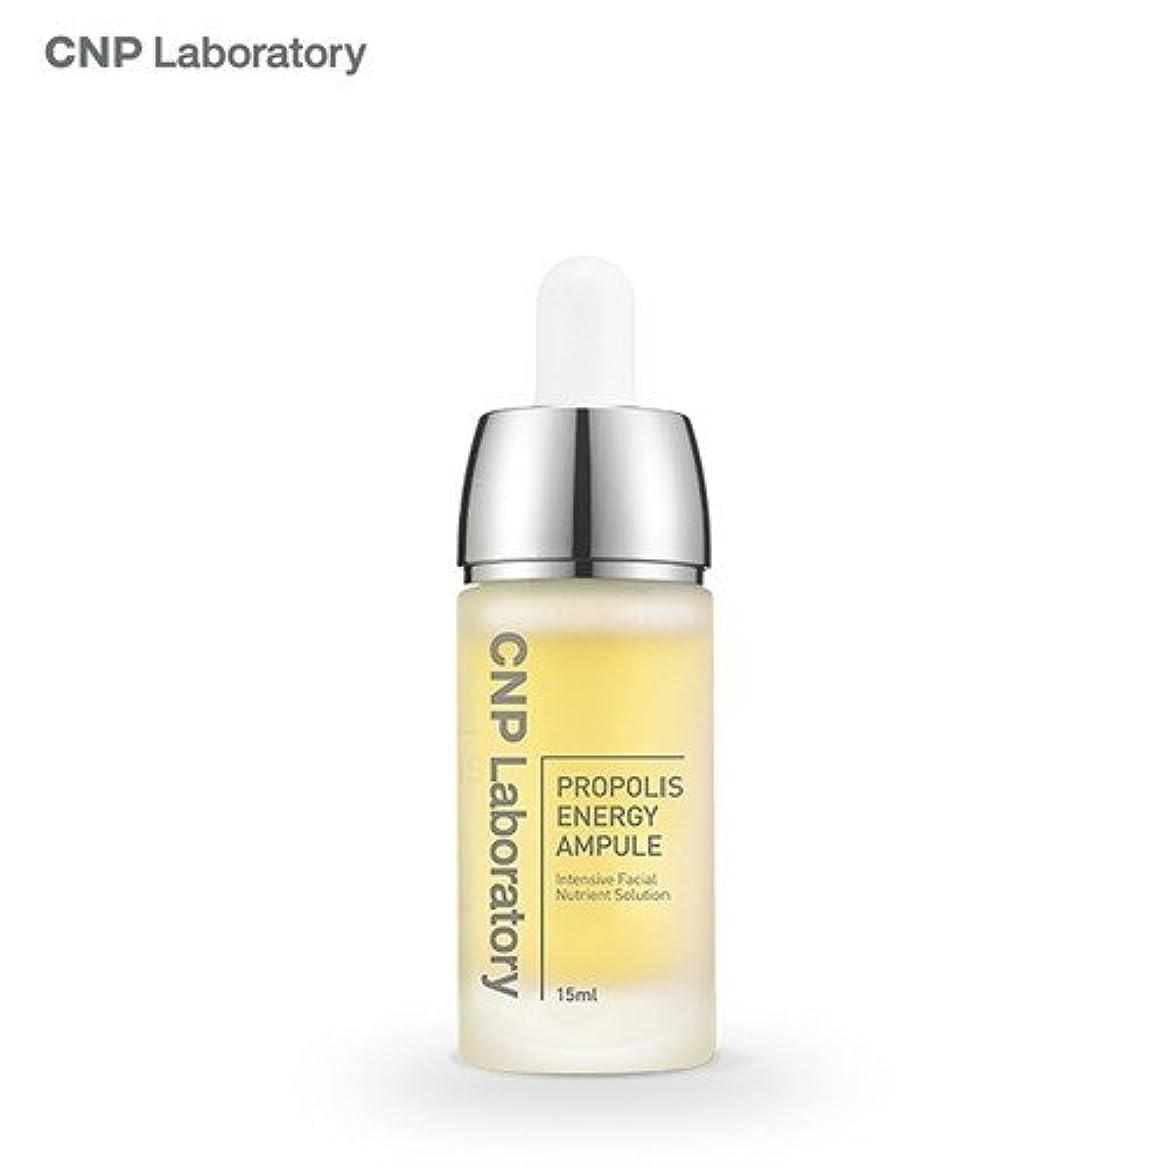 容器クラッシュのどチャエンパク プロポリスエネルギーアンプル 15ml / CNP Propolis Energy Ampule, Intensive Facial Nutrient Solution 15ml